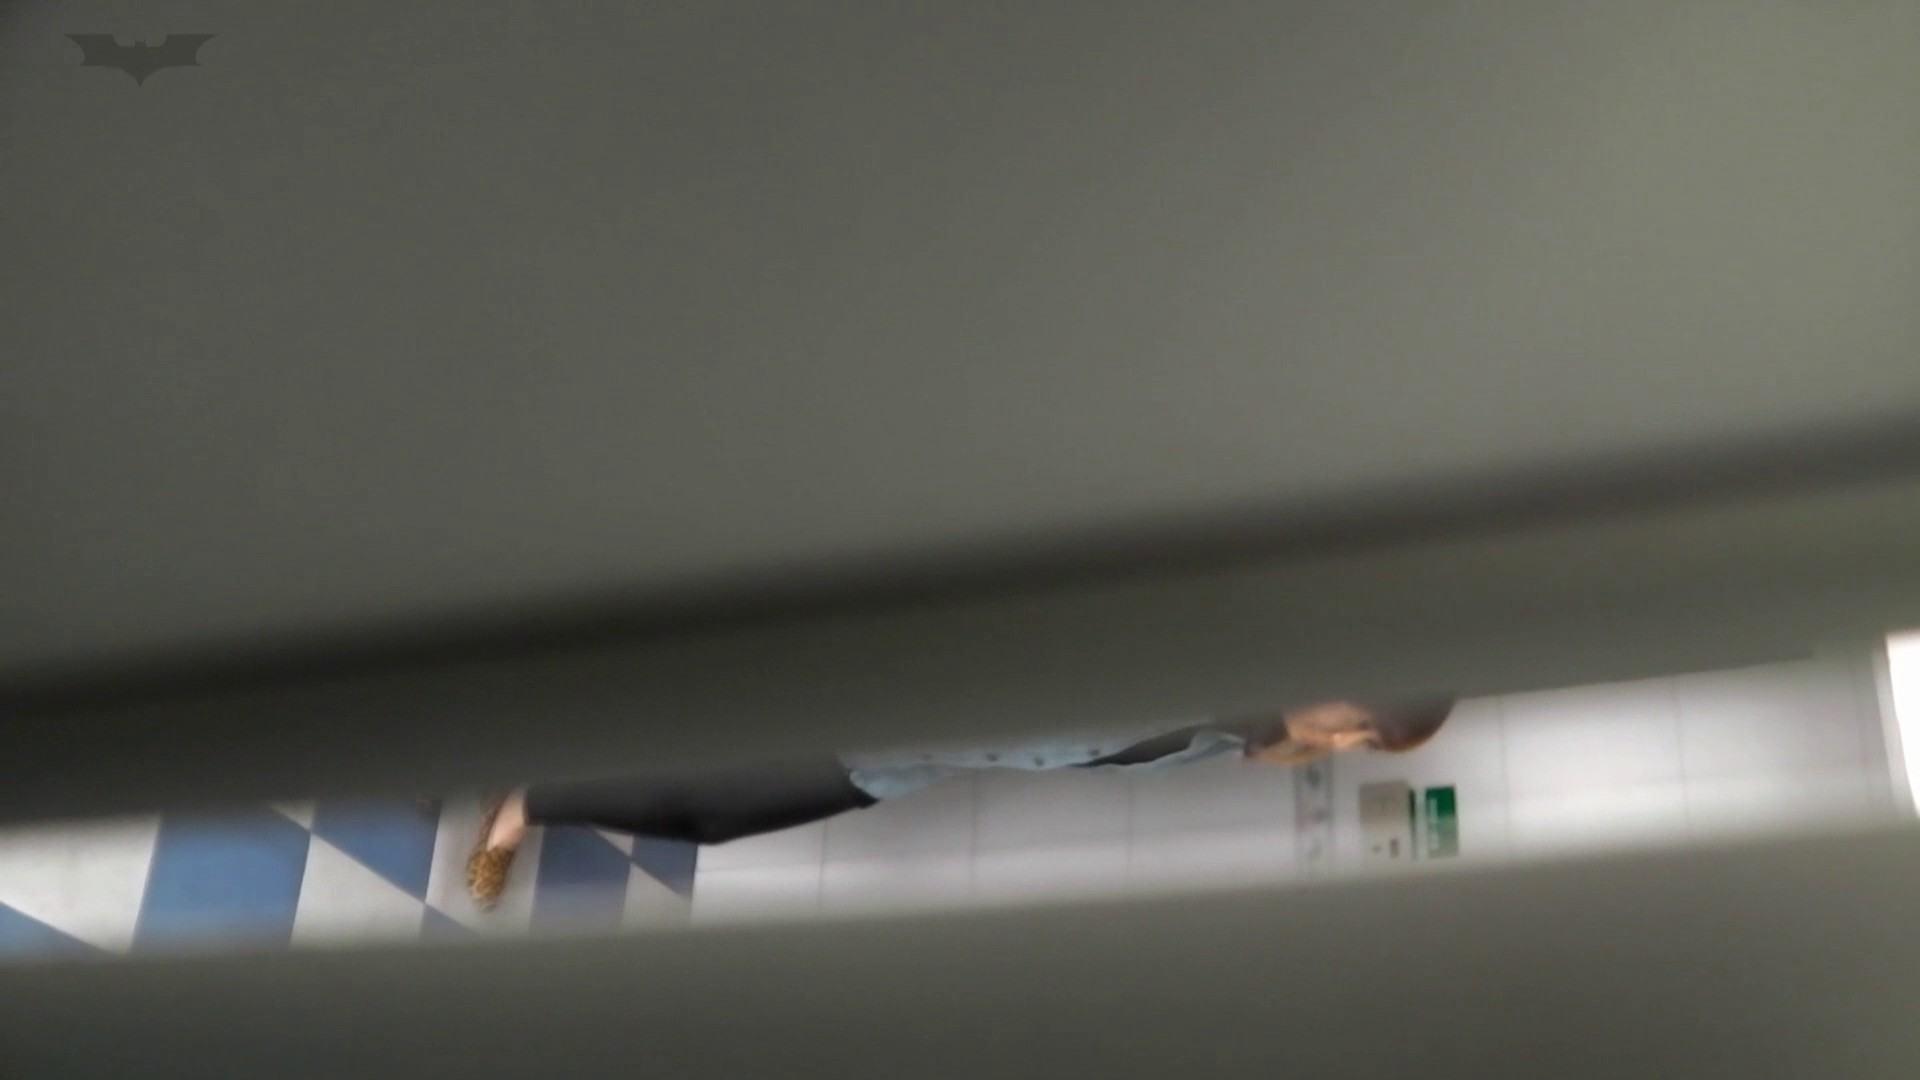 下からノゾム vol.021 顔とセットで全部撮れた!! OLハメ撮り  90Pix 62